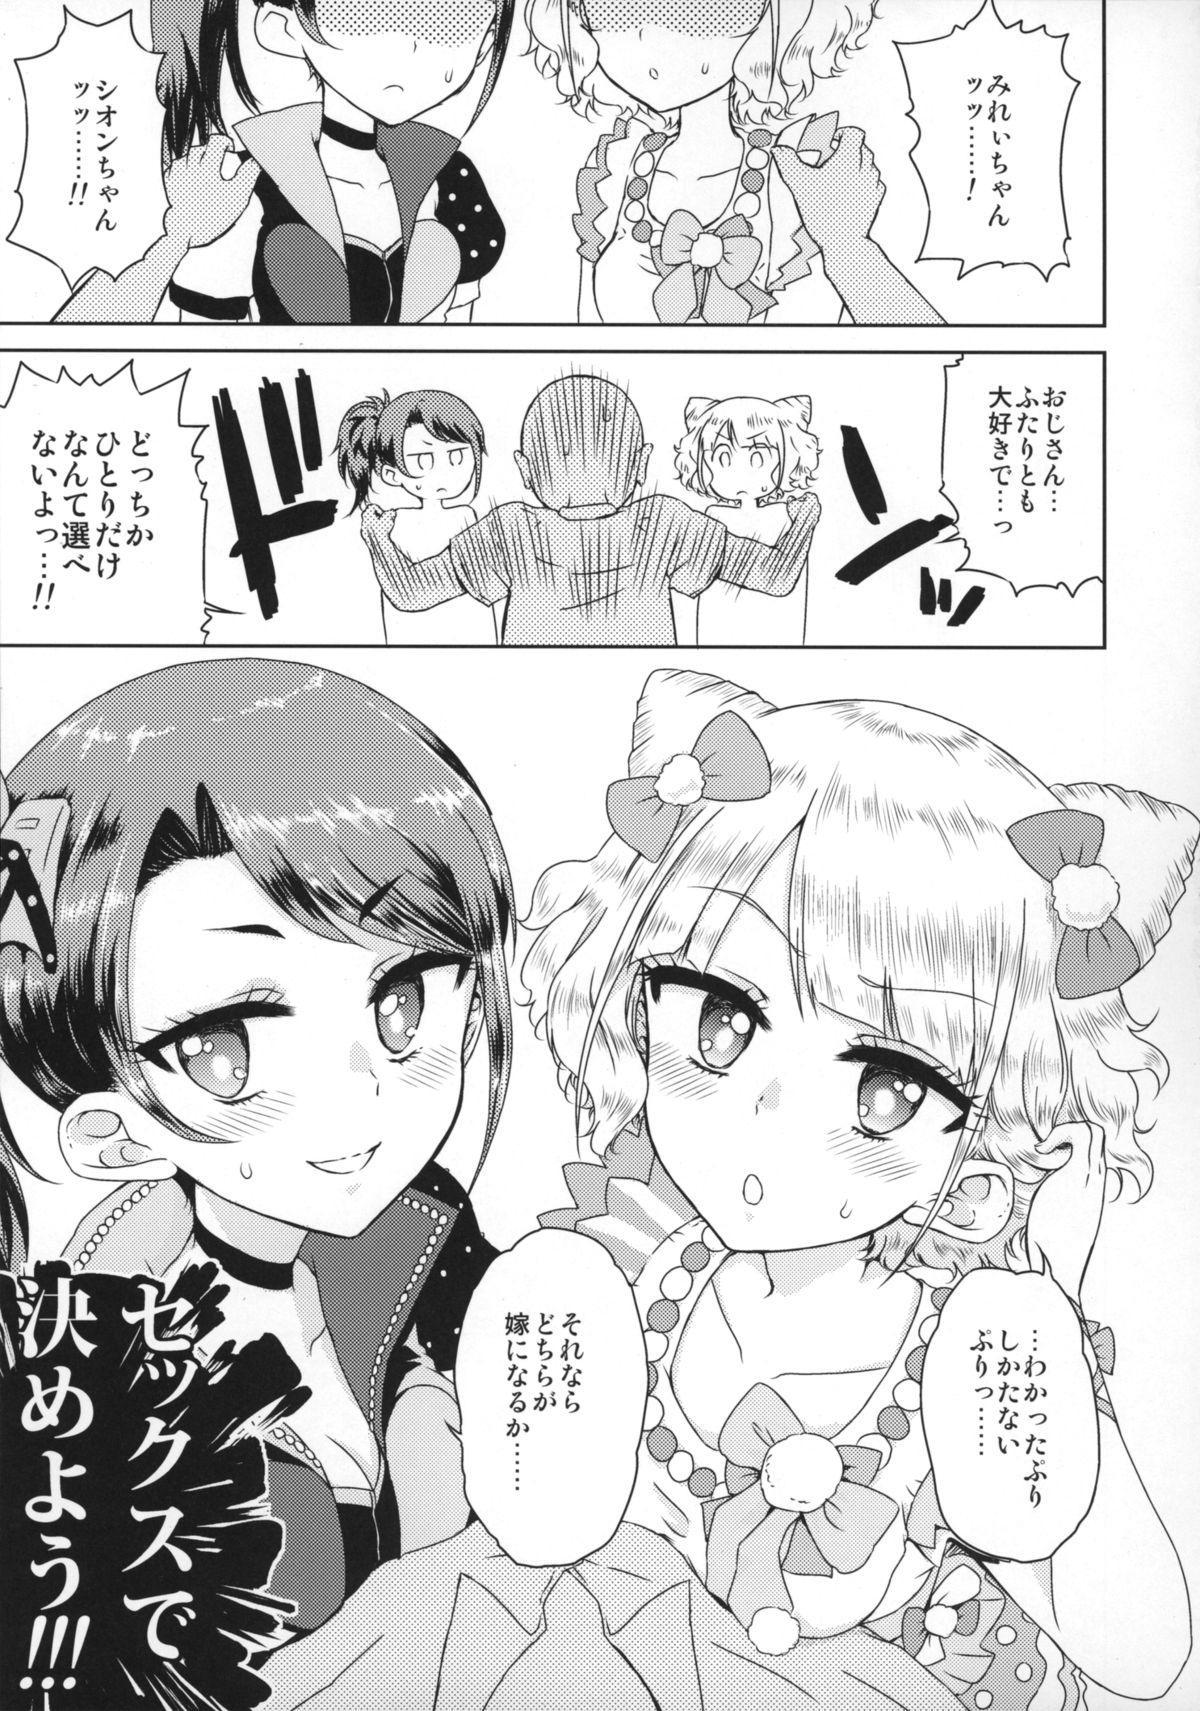 Docchi mo Yome ni Hoshii 2